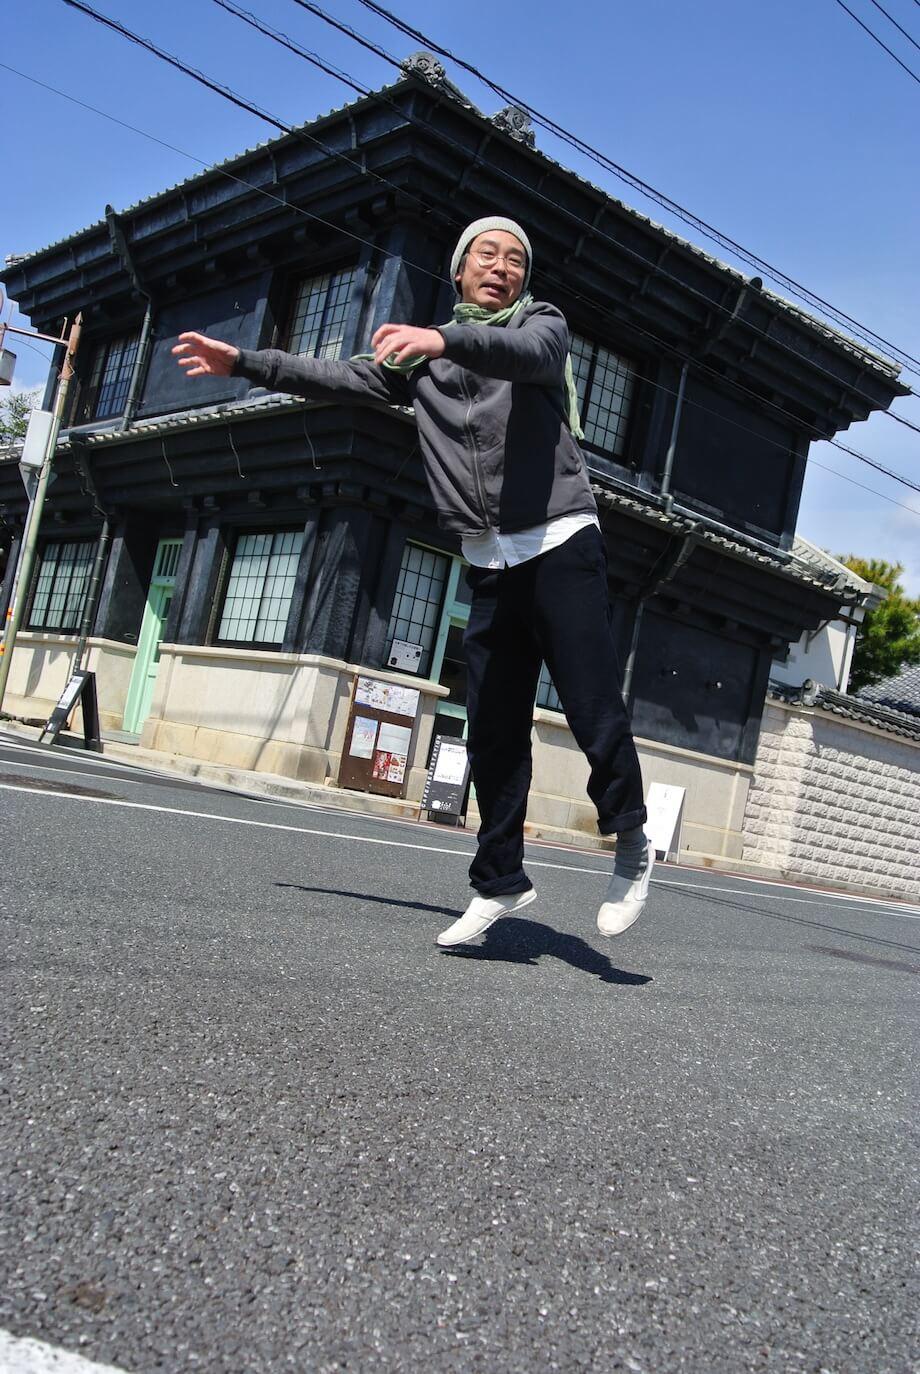 川鍋達(Tatsushi Kawanabe)東京造形大学を卒業後、12年間ドイツのニュルンベルグで精力的にアーティスト活動を行う。日本に帰国後は高校教師をしながらアーティスト活動を継続していたが3.11をきっかけに高知県須崎市に移住を決める。現在はすさきまちかどギャラリーの館長を務める。